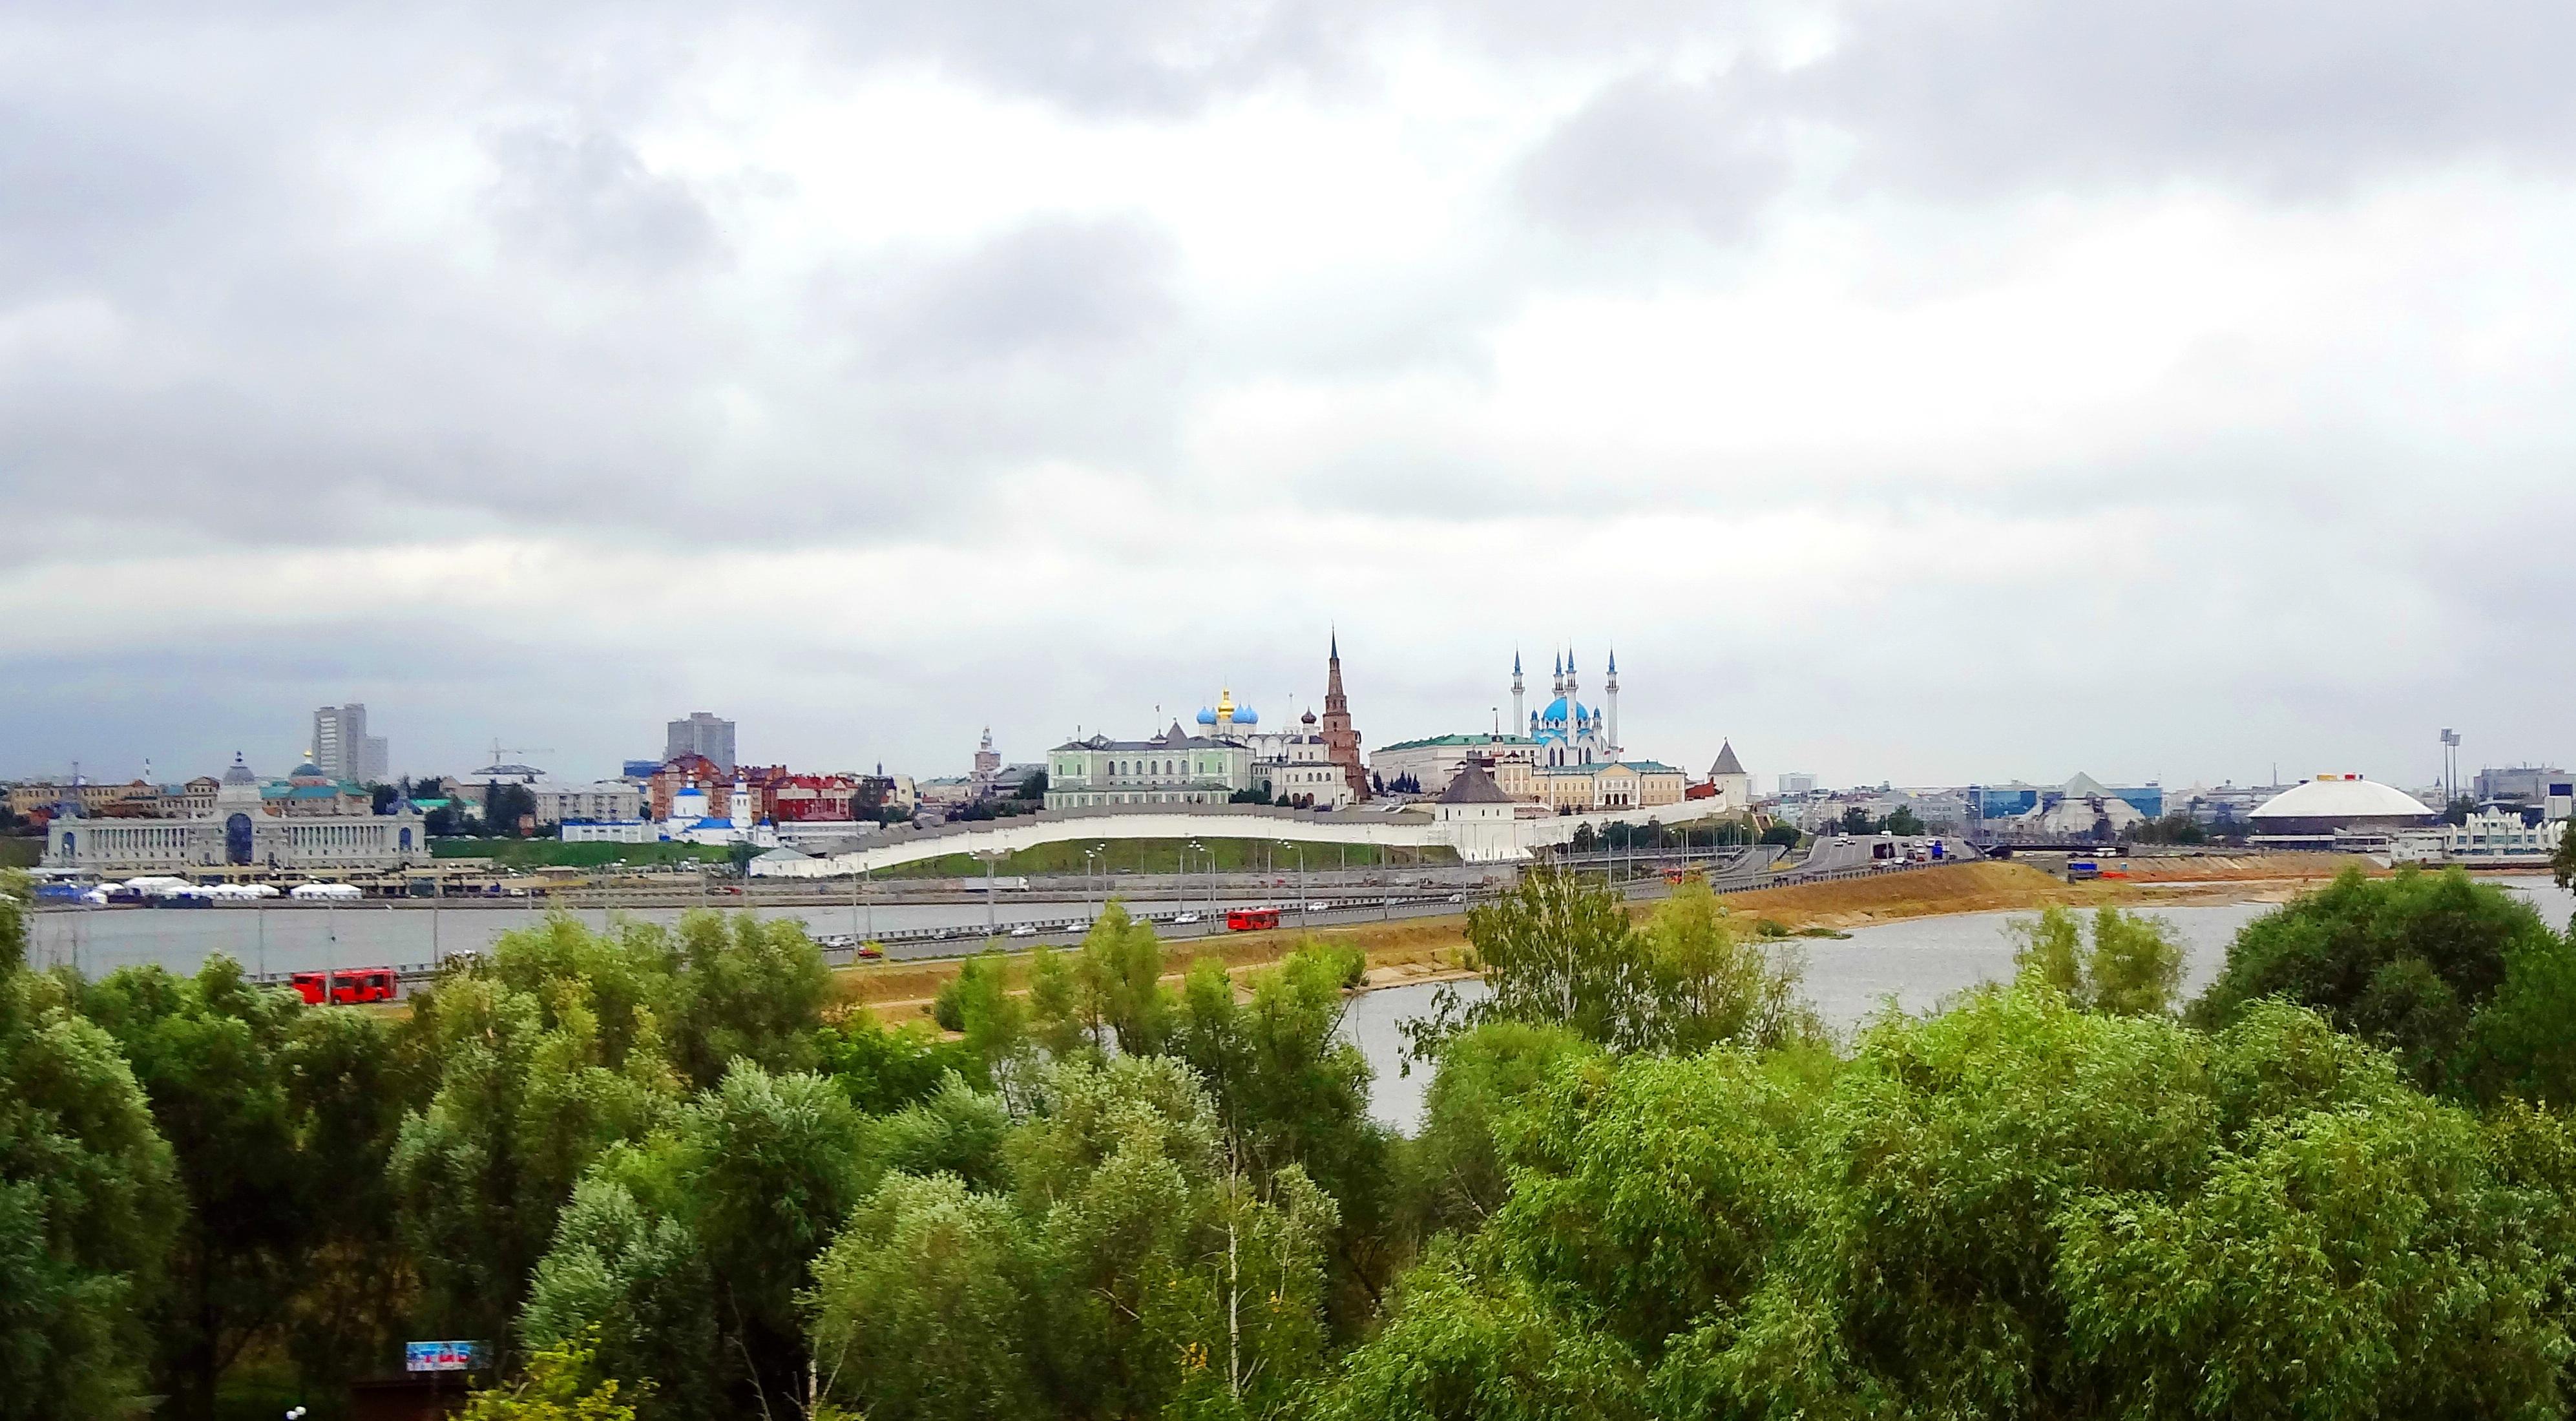 15-melhores-lugares-para-viajar-esse-ano-2018-russia-2 15 melhores lugares para viajar esse ano 2018